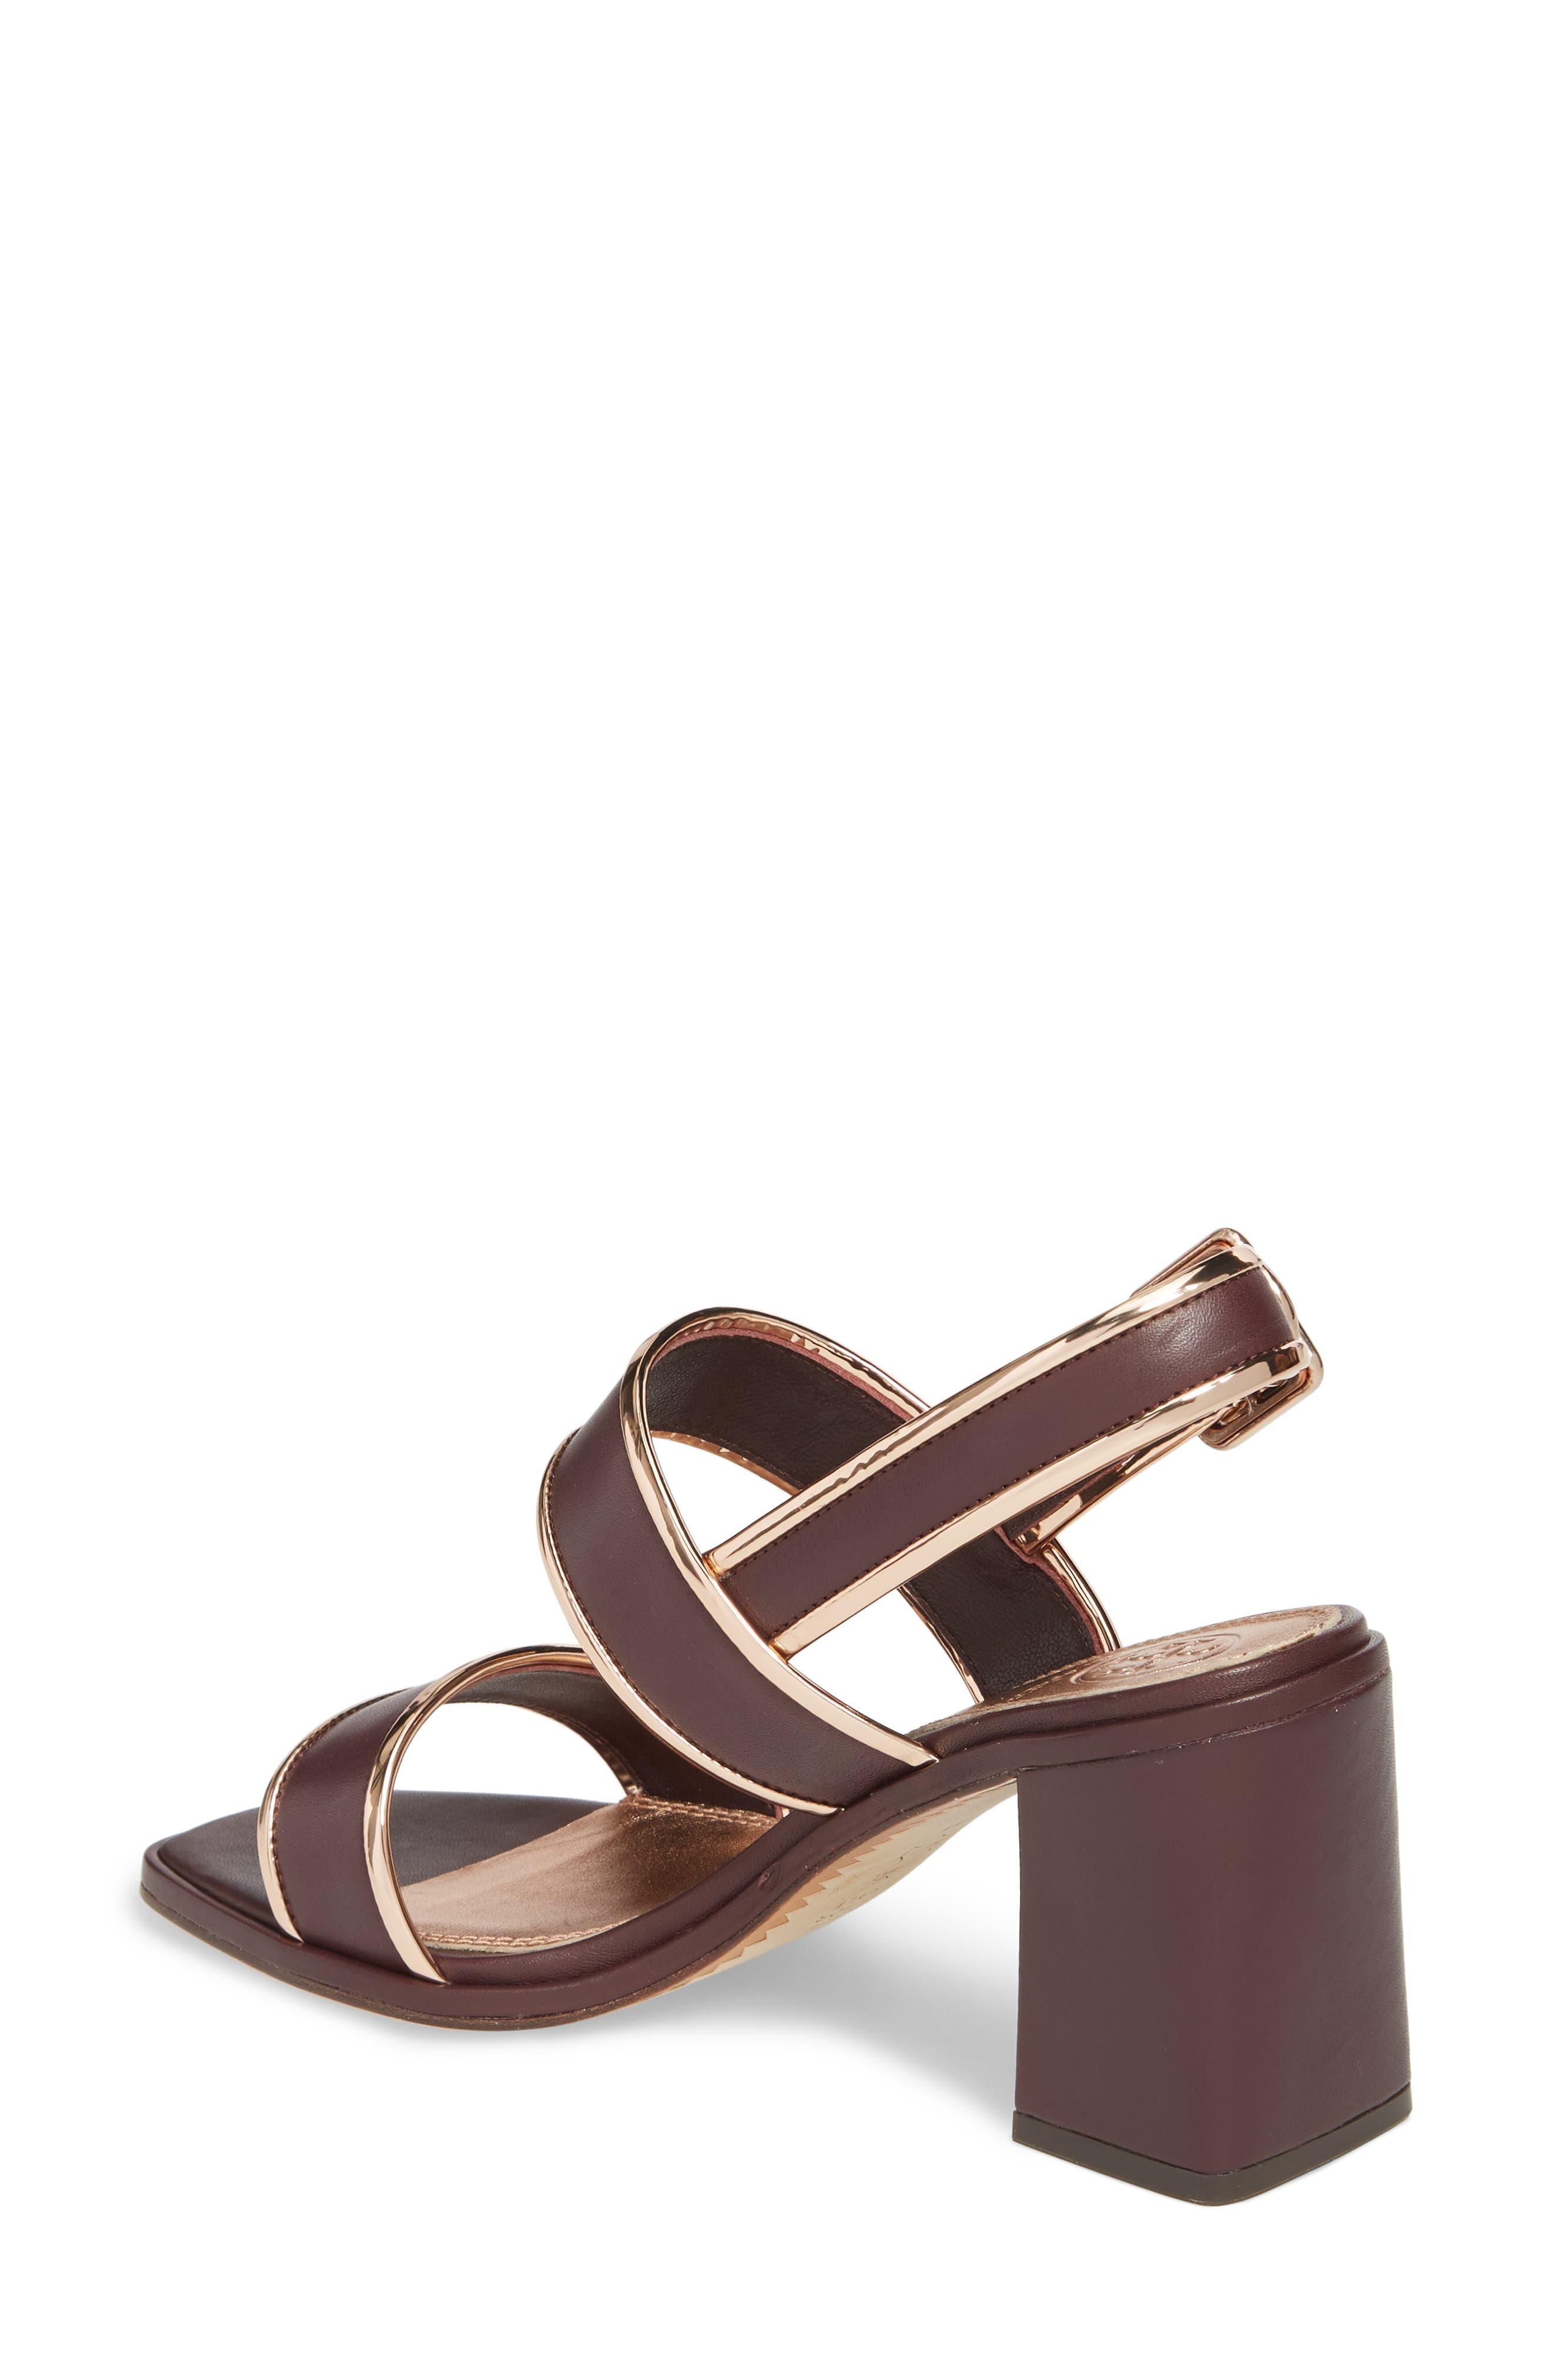 Delaney Double Strap Sandal,                             Alternate thumbnail 10, color,